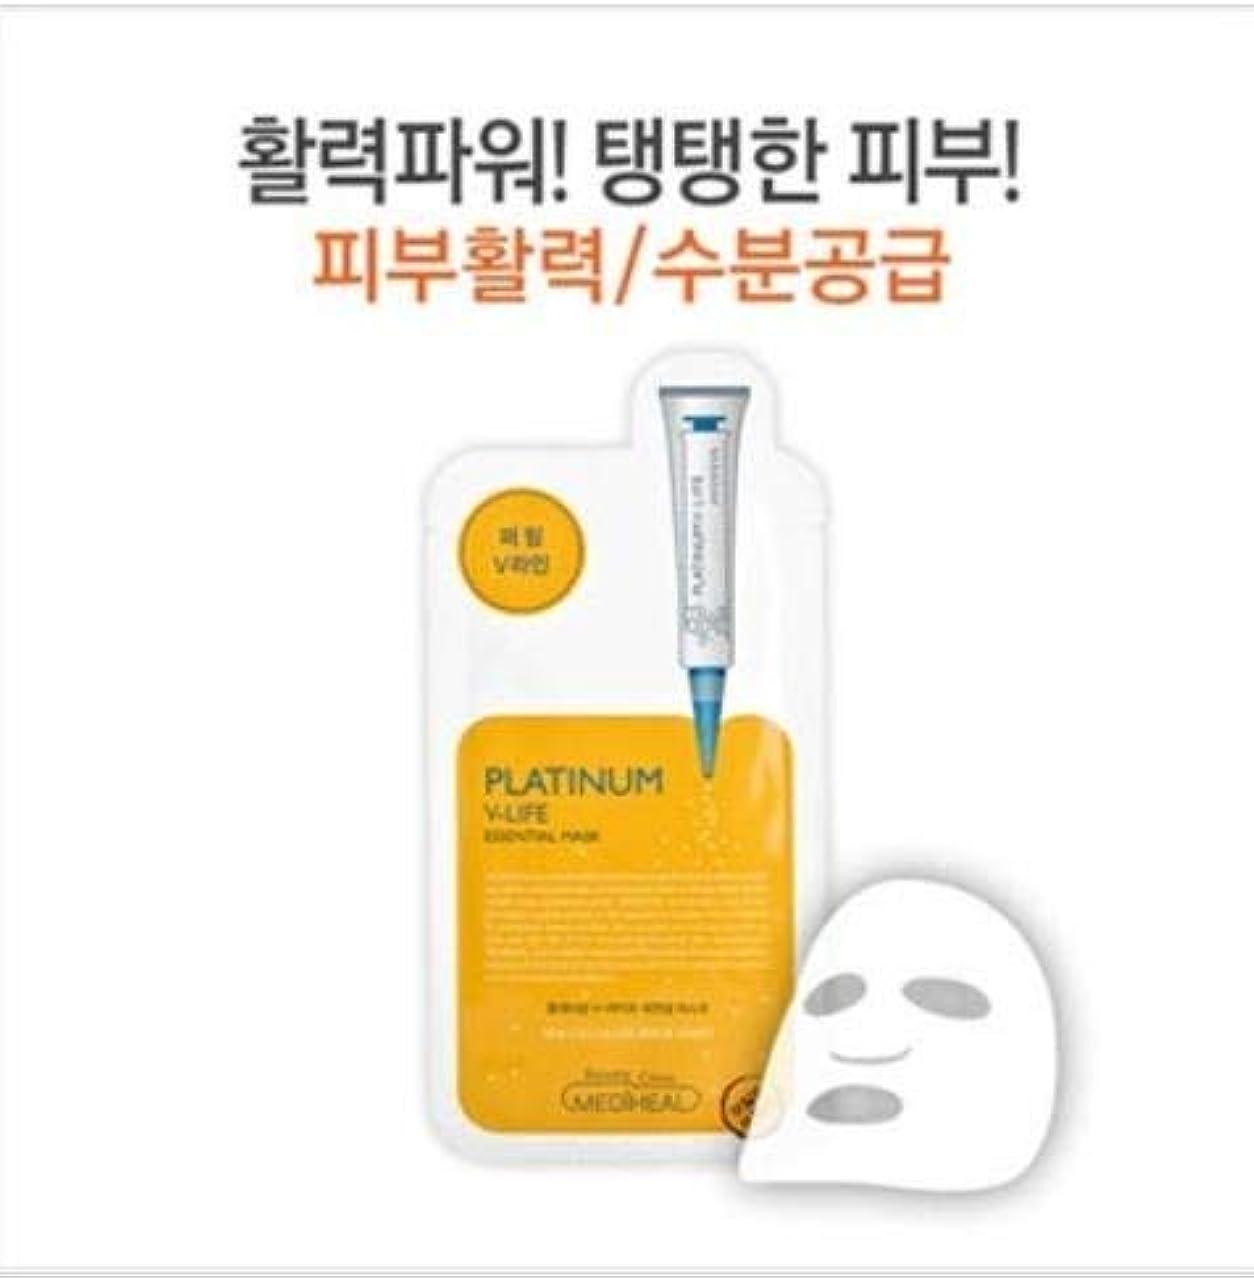 確かなエリート退屈させる★大人気★[メディヒール] Mediheal [プラチナ V-ライフ エッセンシャル マスク (10枚)] (Platinum V-LIFE Essential Mask (10EA) [並行輸入品]